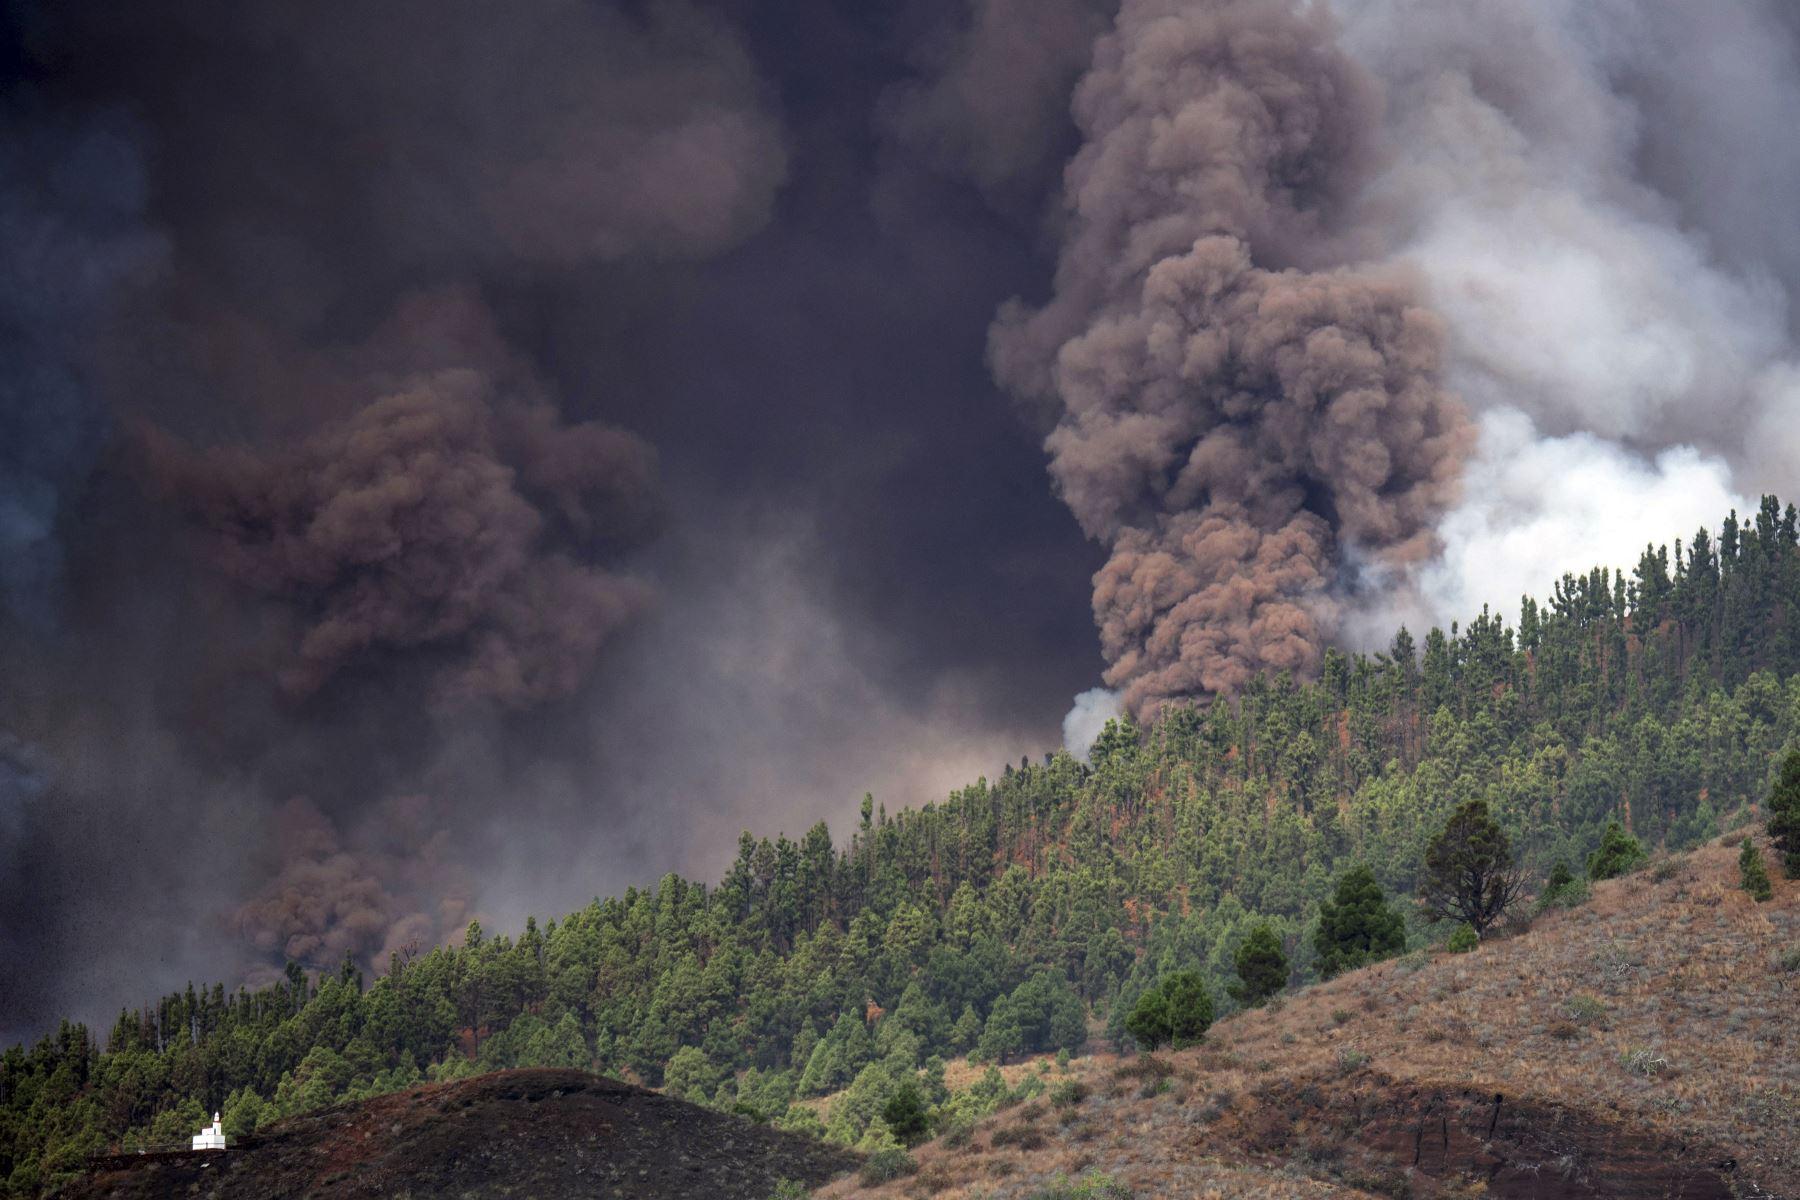 El monte Cumbre Vieja entra en erupción arrojando una columna de humo, ceniza y lava como se ve desde Los Llanos de Aridane en la isla canaria de La Palma, España. Foto: AFP